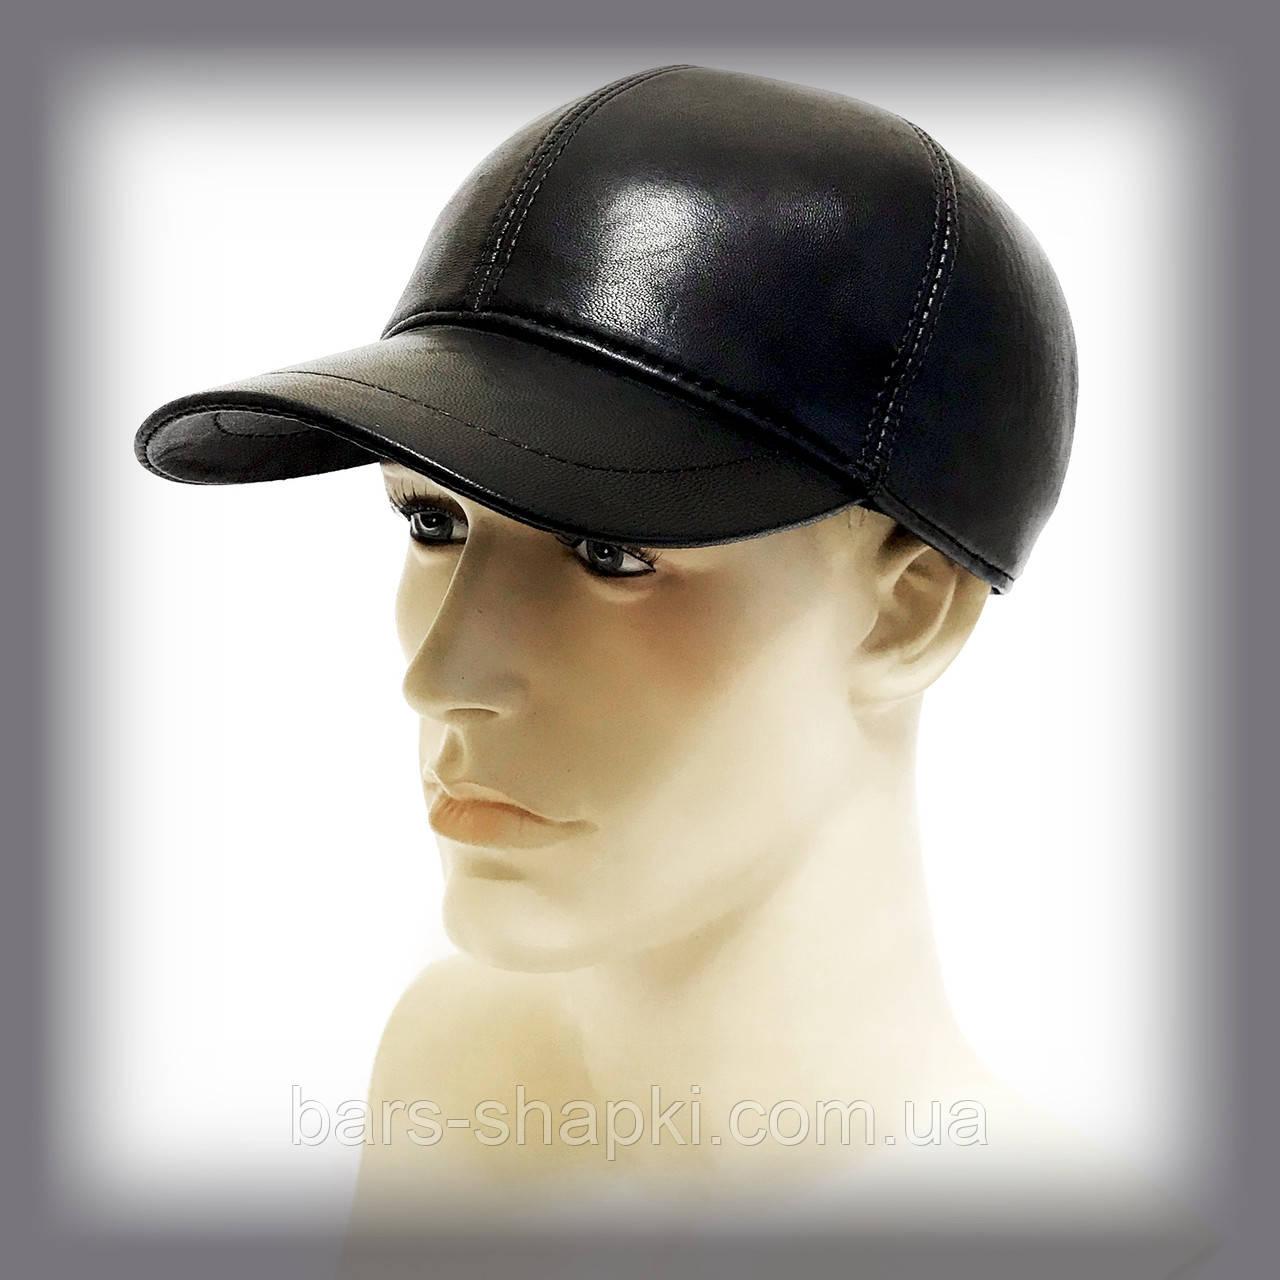 Мужская бейсболка из кожи на овчине (чёрная)